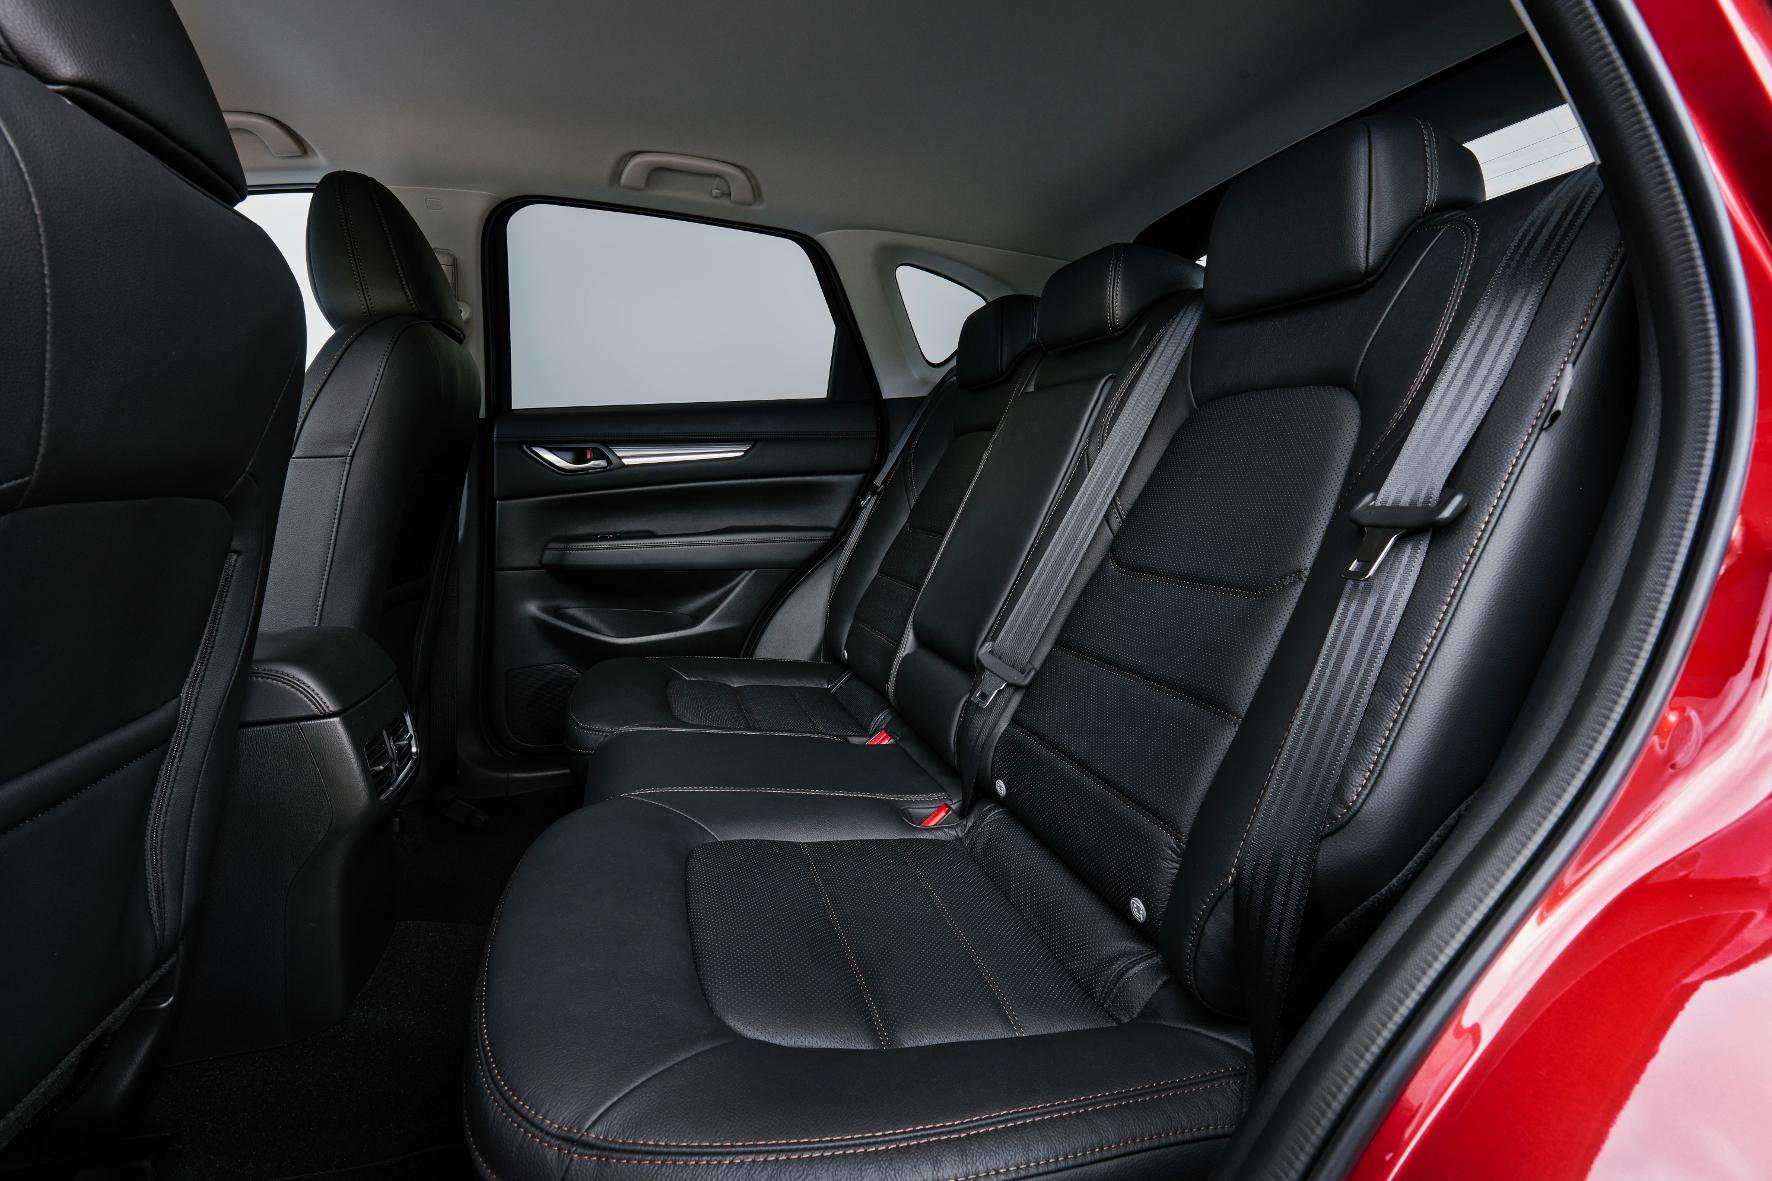 Auch der Hintermann muss nicht darben. Die Rückbank des Fahrzeugs bietet ausreichend Platz für zwei bis maximal drei Erwachsene.